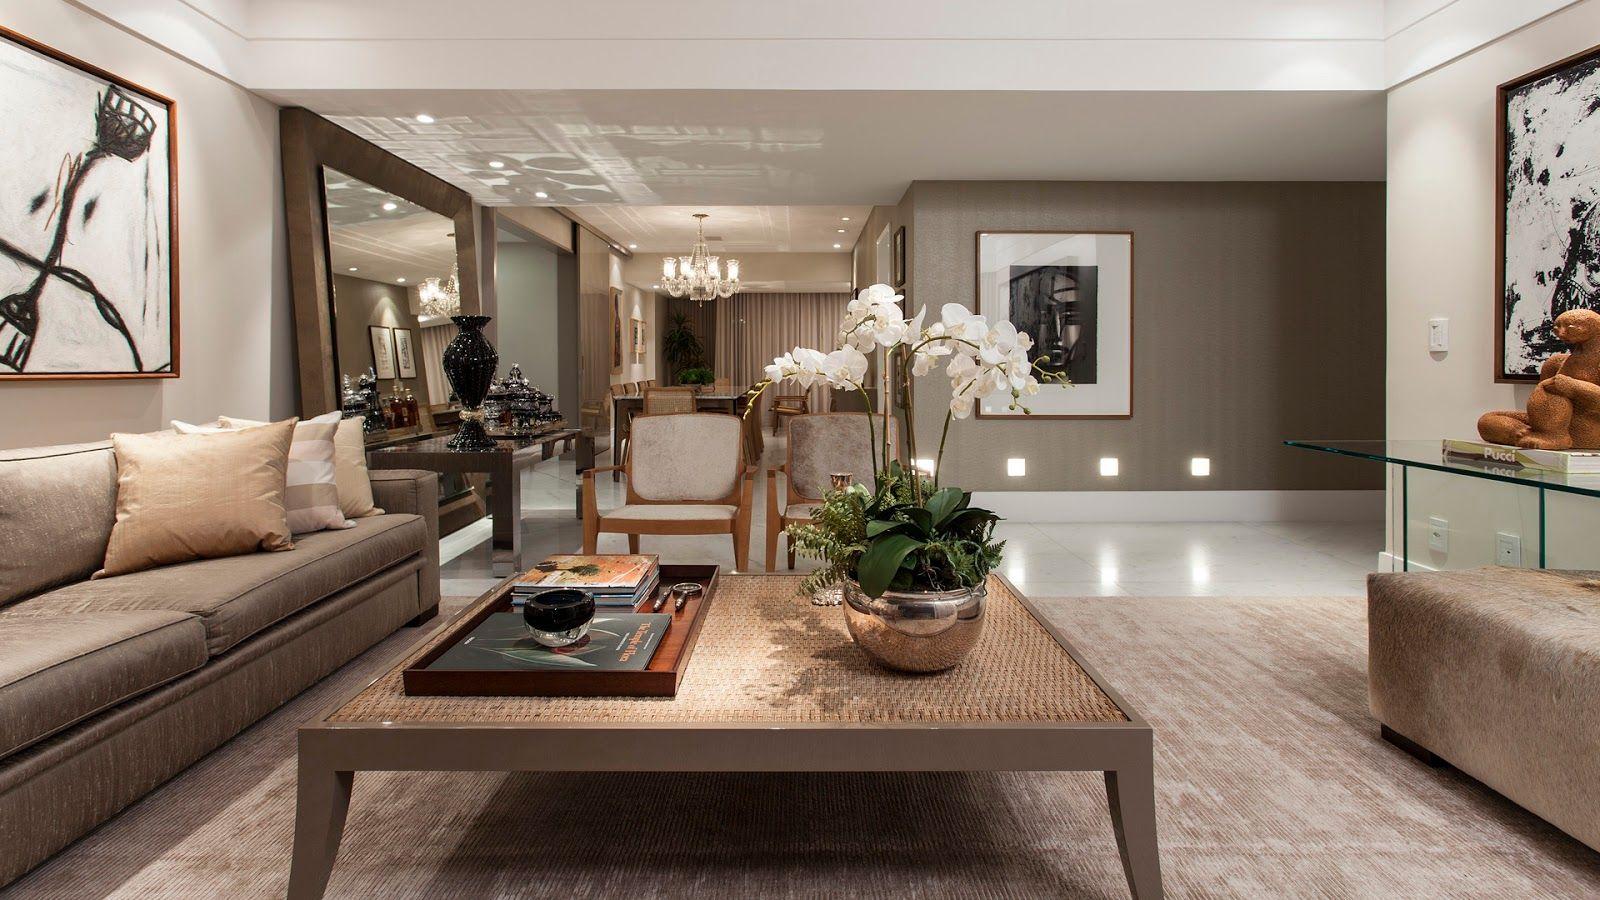 #945937 Salas de estar jantar tv bate papo e varanda decoradas com cor  1600x900 píxeis em Decoração De Salas Estar E Jantar